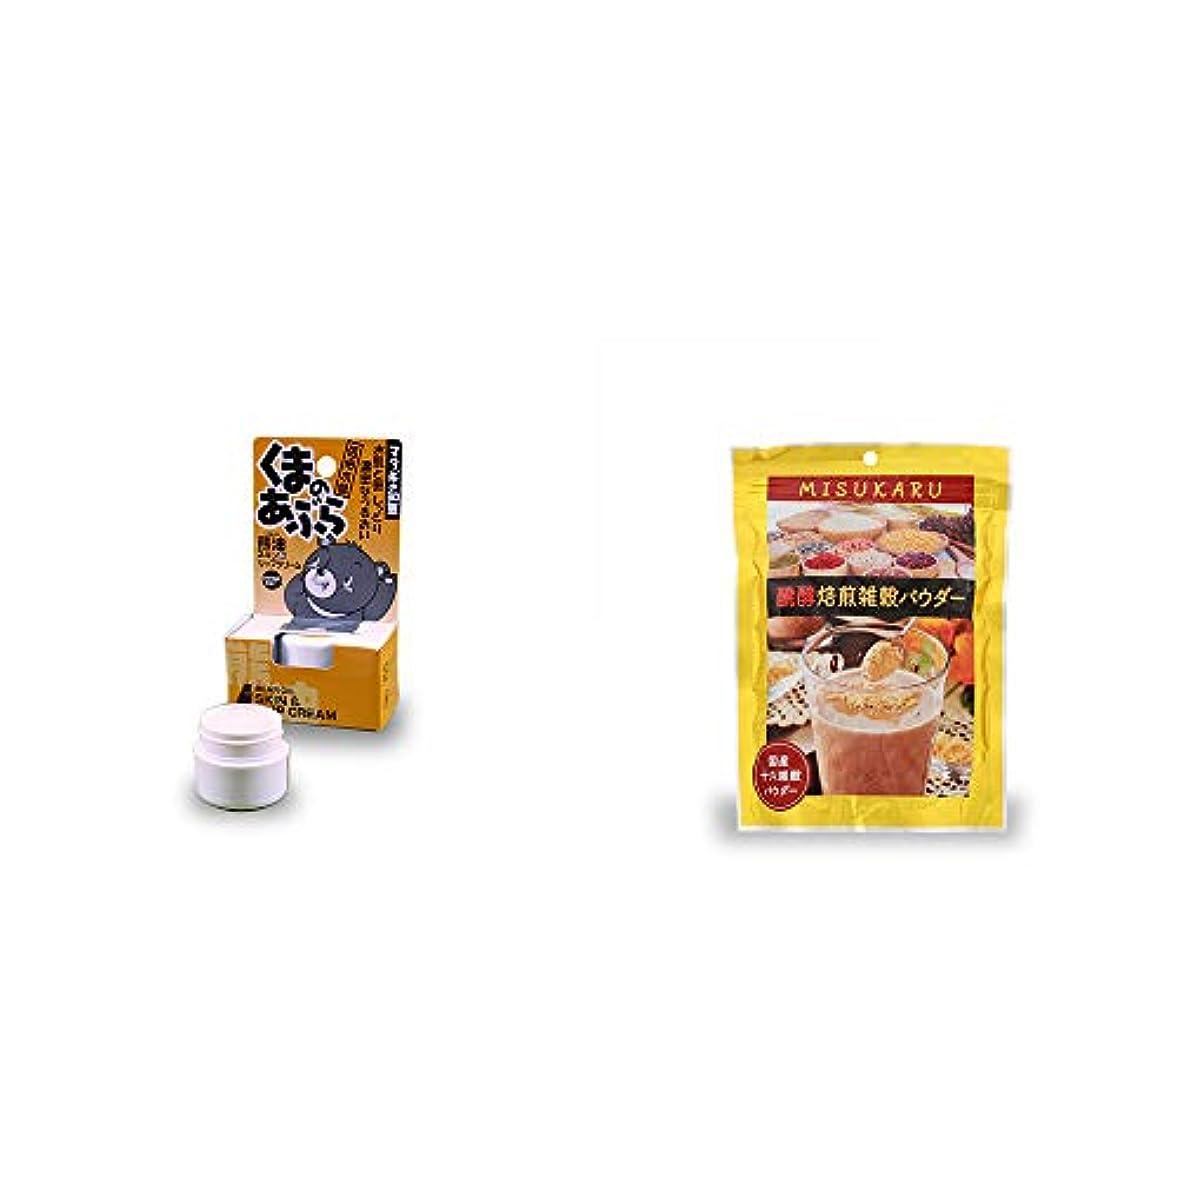 バラバラにする誘う講義[2点セット] 信州木曽 くまのあぶら 熊油スキン&リップクリーム(9g)?醗酵焙煎雑穀パウダー MISUKARU(ミスカル)(200g)